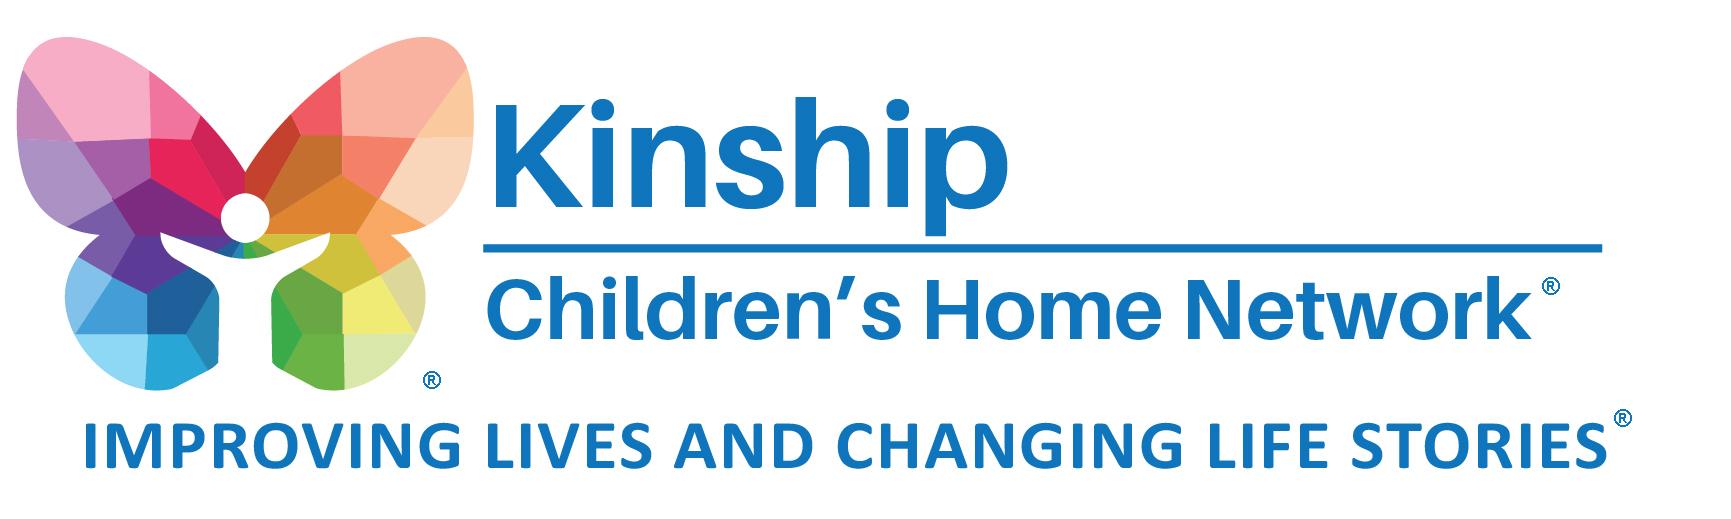 CHN Kinship logo